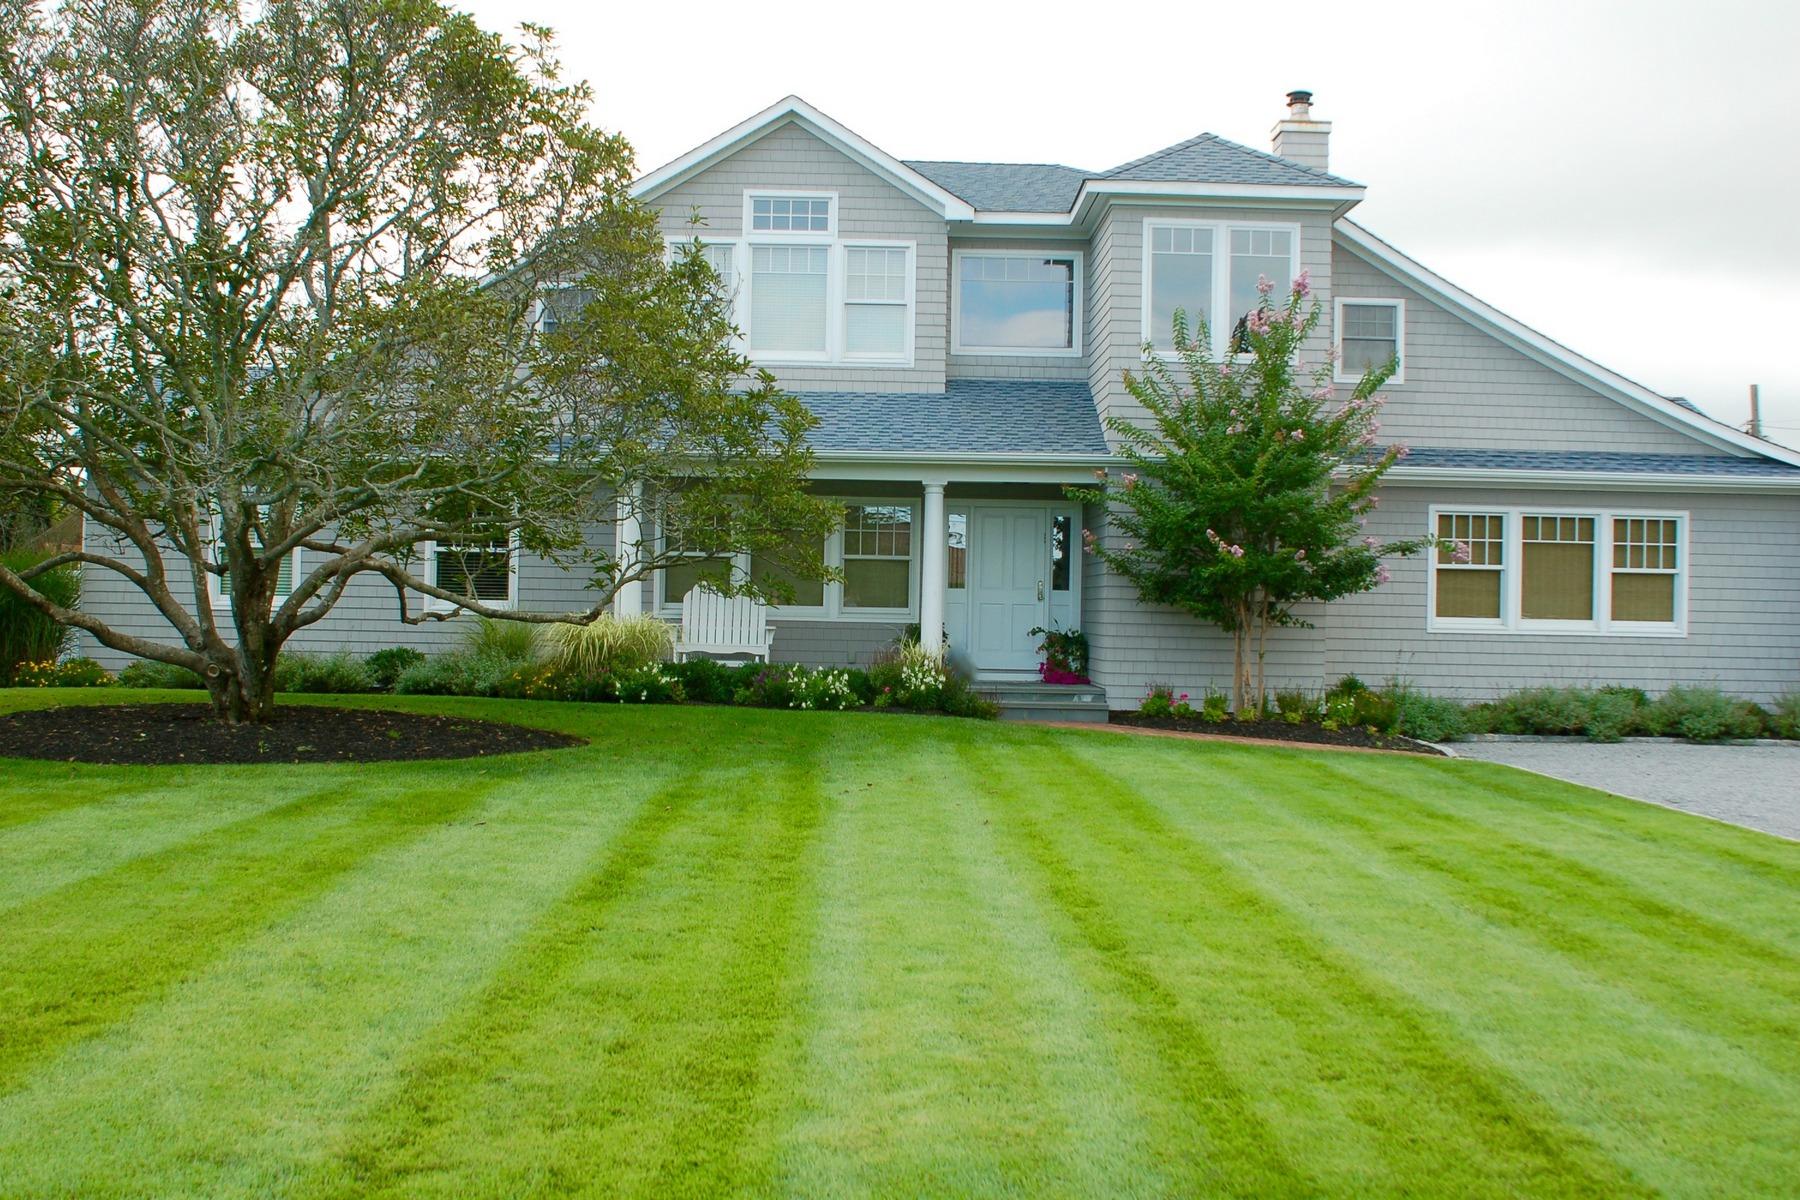 独户住宅 为 销售 在 Hampton Classic - Prime Location 25 Jessup Lane Westhampton Beach, 纽约州 11978 美国